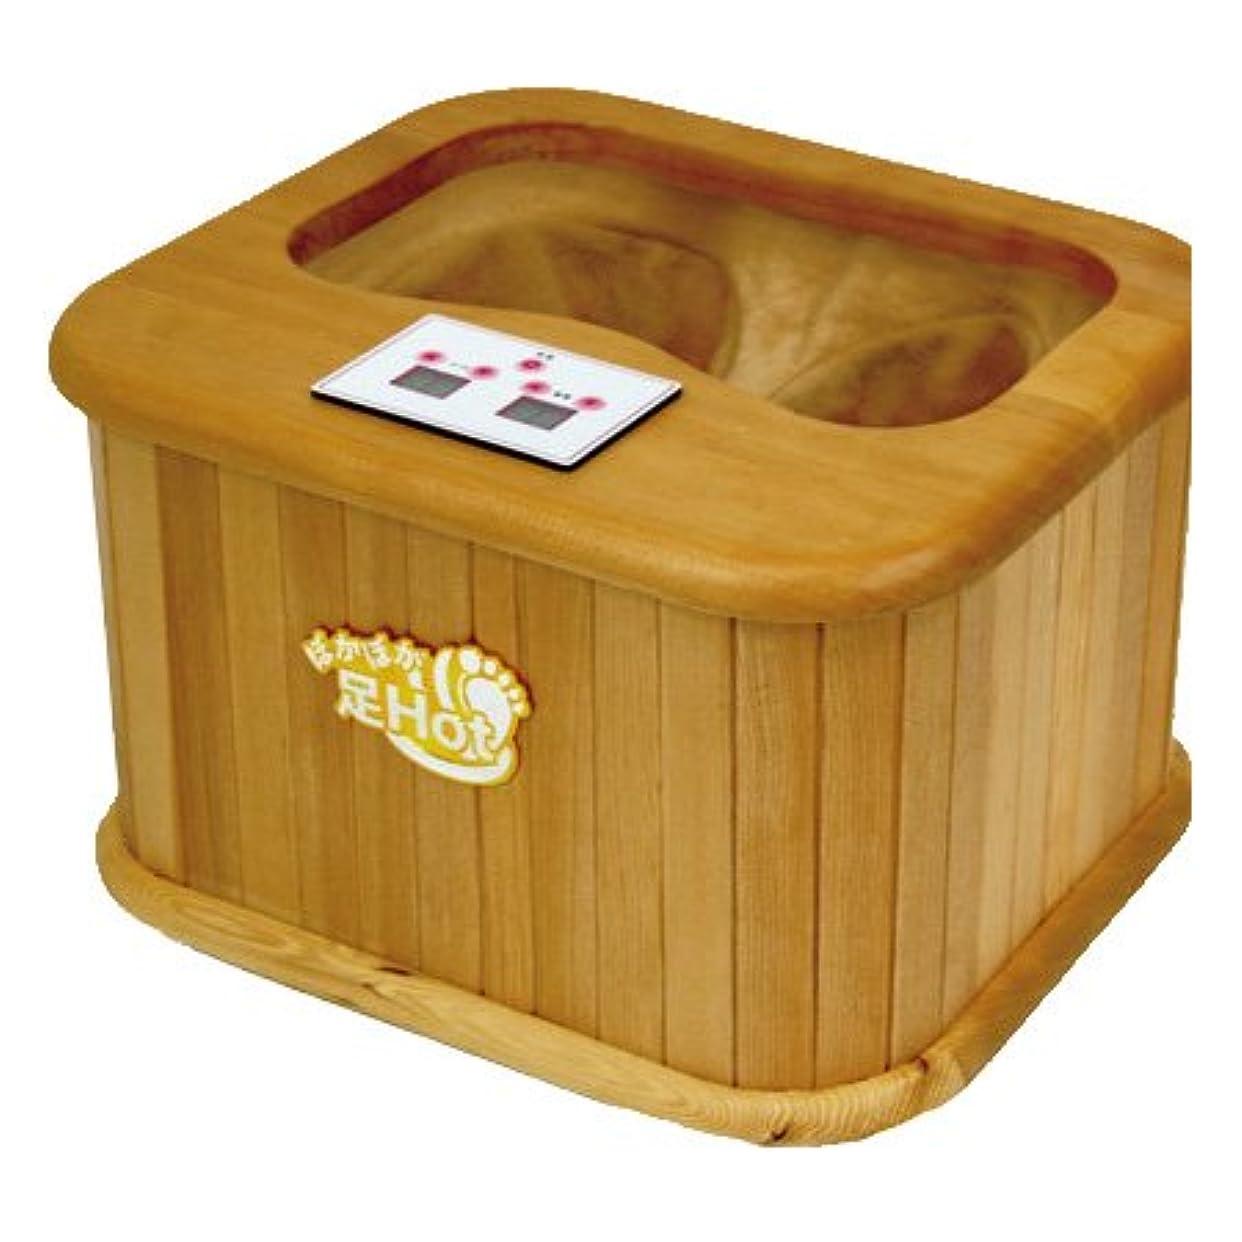 酸化するスープ競合他社選手エスアイエス(SIS) 暖房関連グッズ 天然木 39×34.5×25cm 【水を使わず芯までぽかぽか、タイマー付き】 ZL-001S